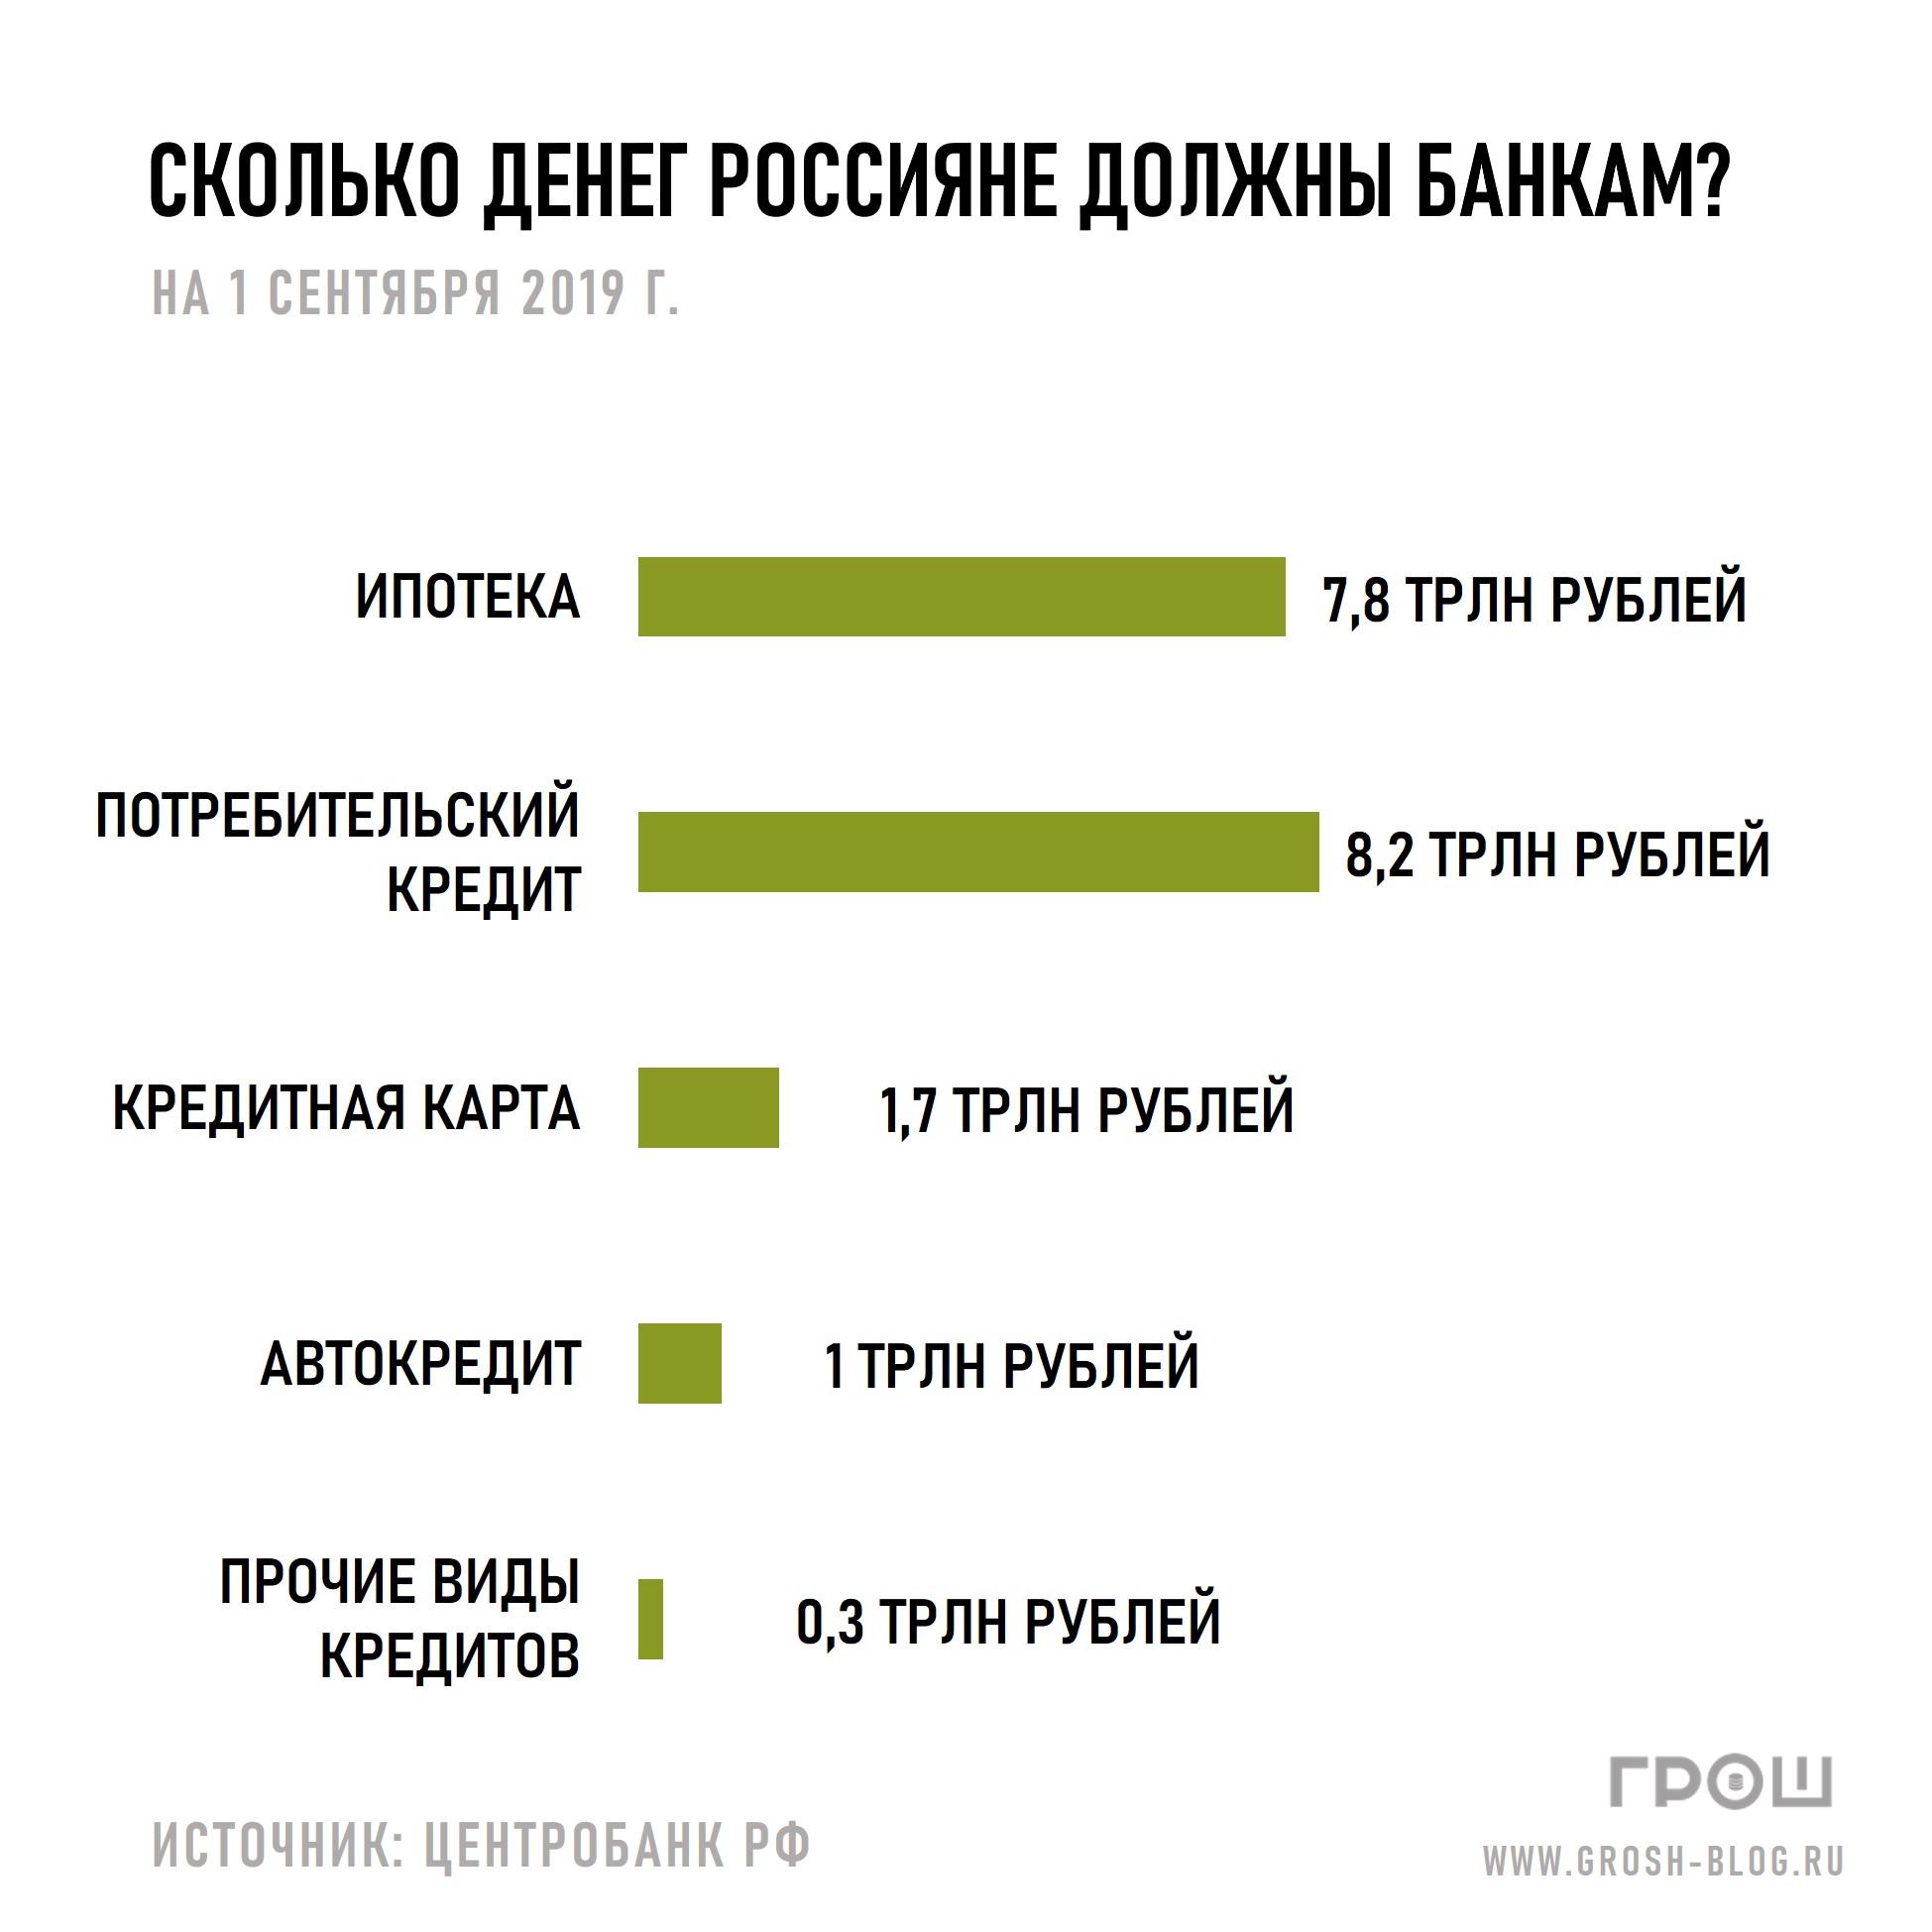 сколько денег россияне должны банкам журнал грош график https://grosh-blog.ru/